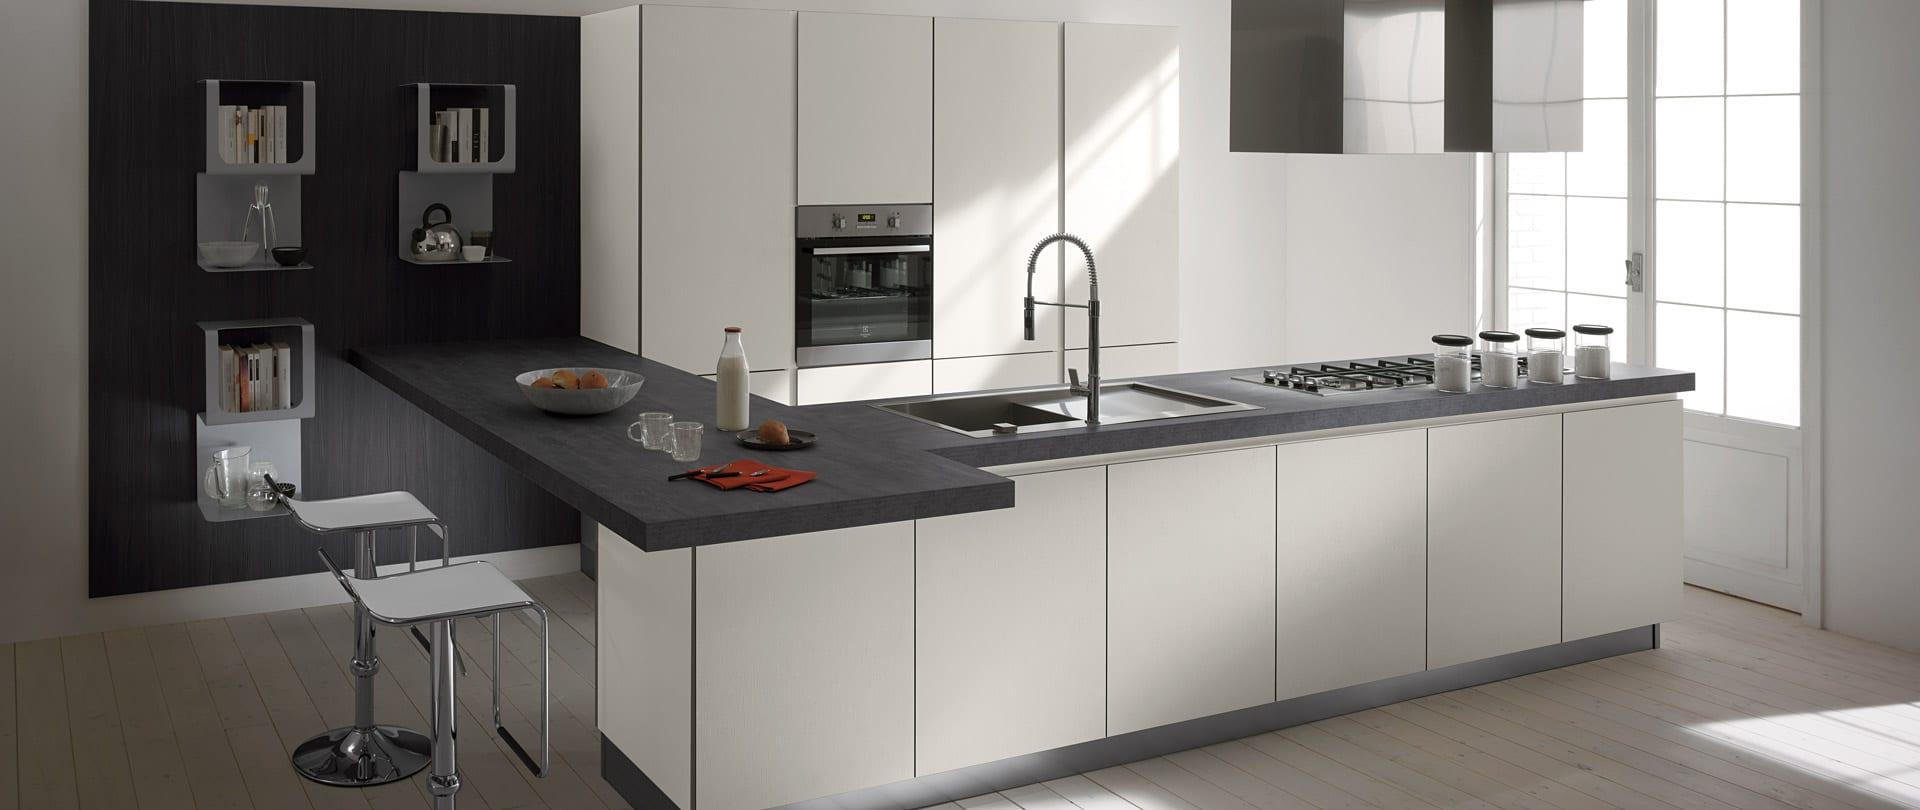 cucina-stratos-aleve-luna-glass-grigio